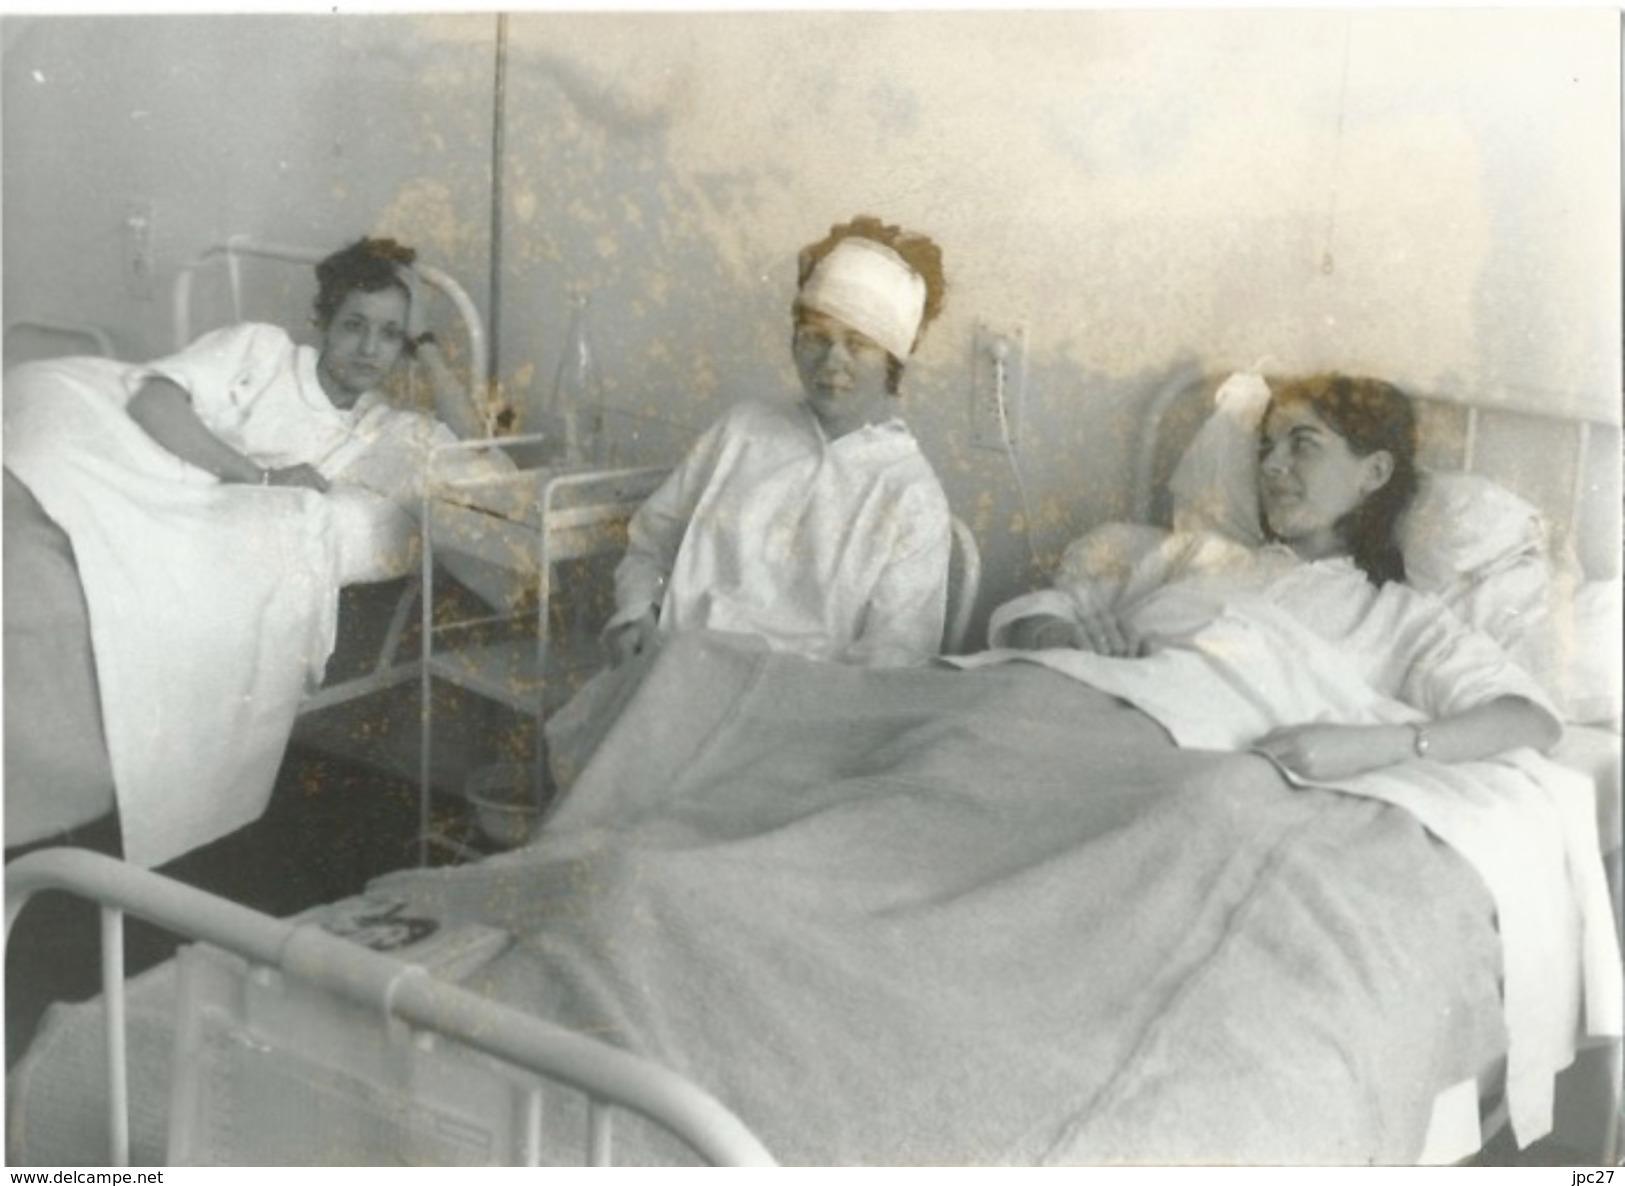 Photo Presse Femmes à L Hôpital - Les Rescapés De La Catastrophe De VAL D'ISERE En 1969 Qui A Fait 39 Victimes - Photographs